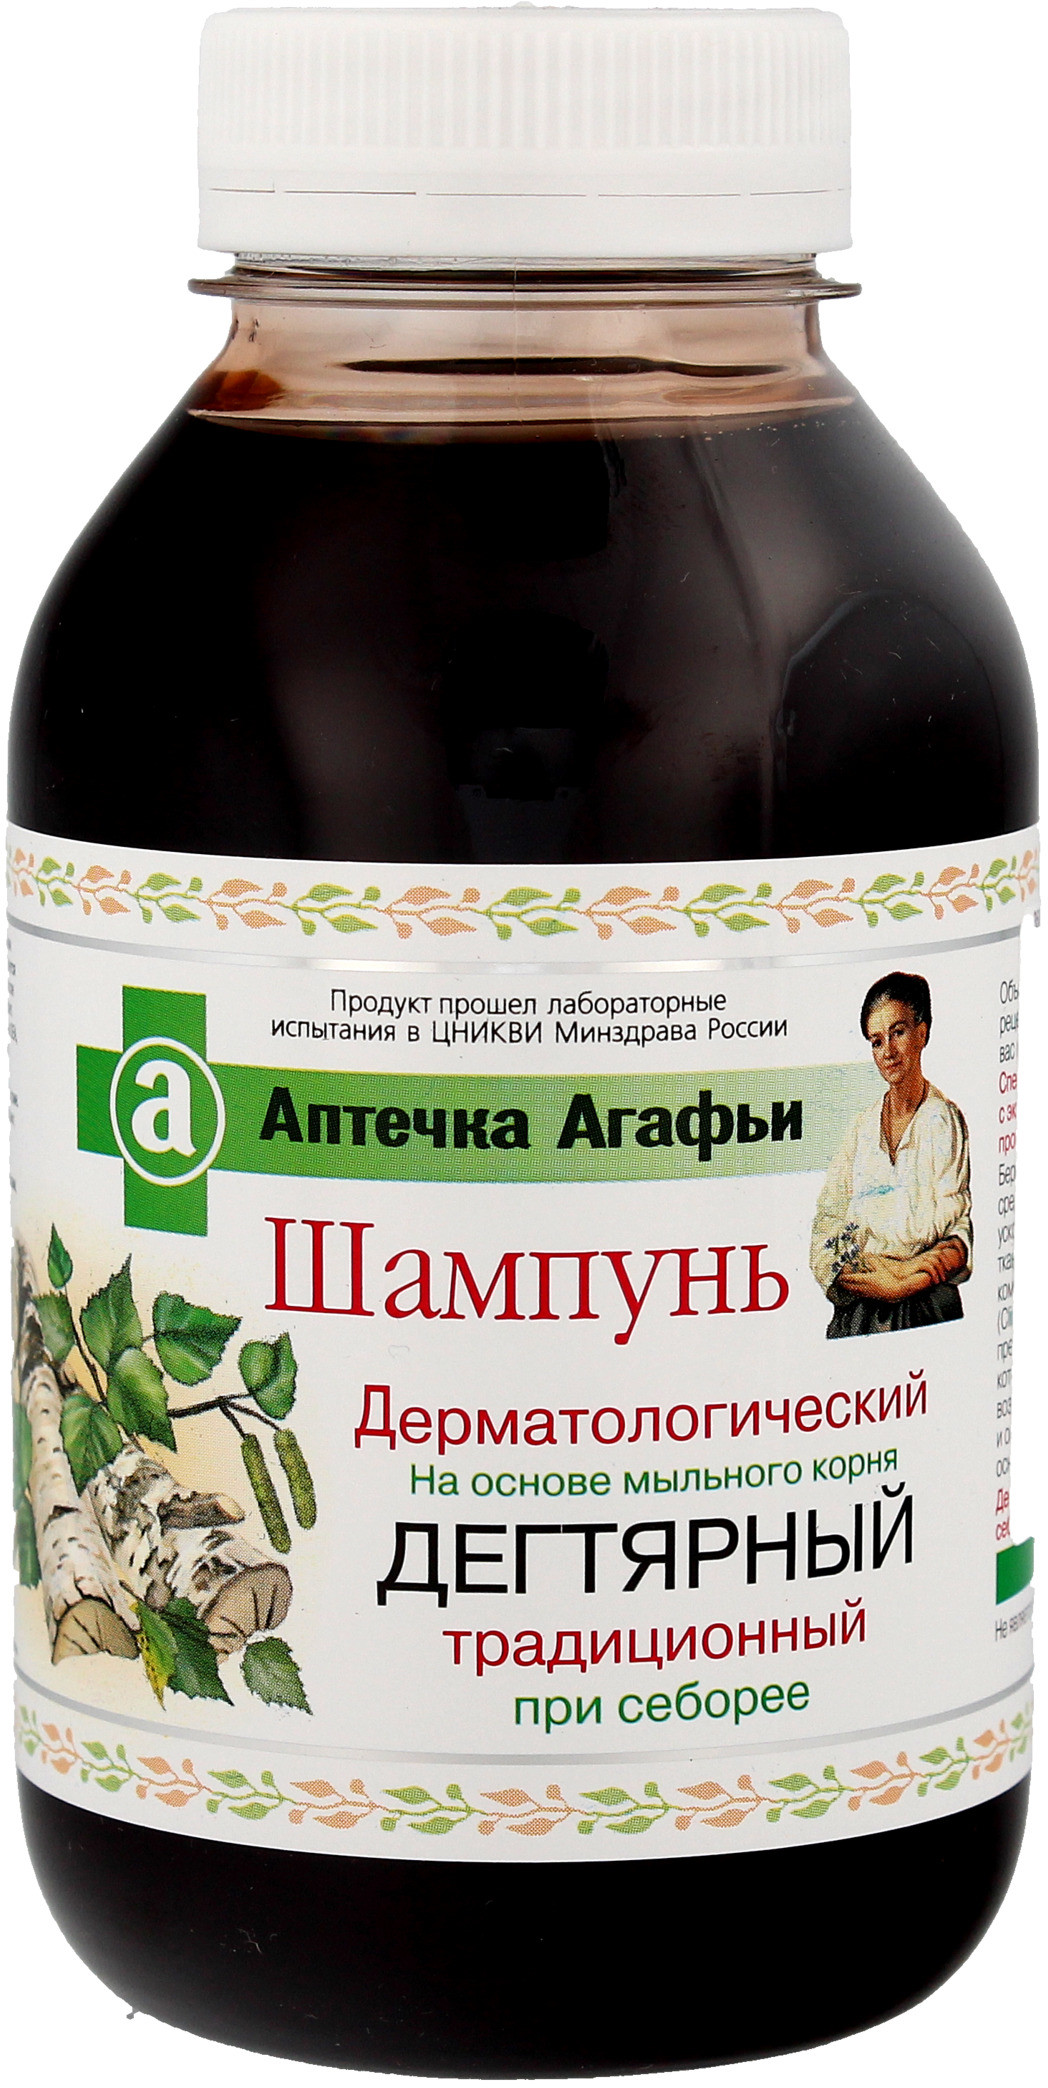 Siberica  Apteczka Agafii szampon dermatologiczny przeciwłupieżowy dziegciowy 300 ml